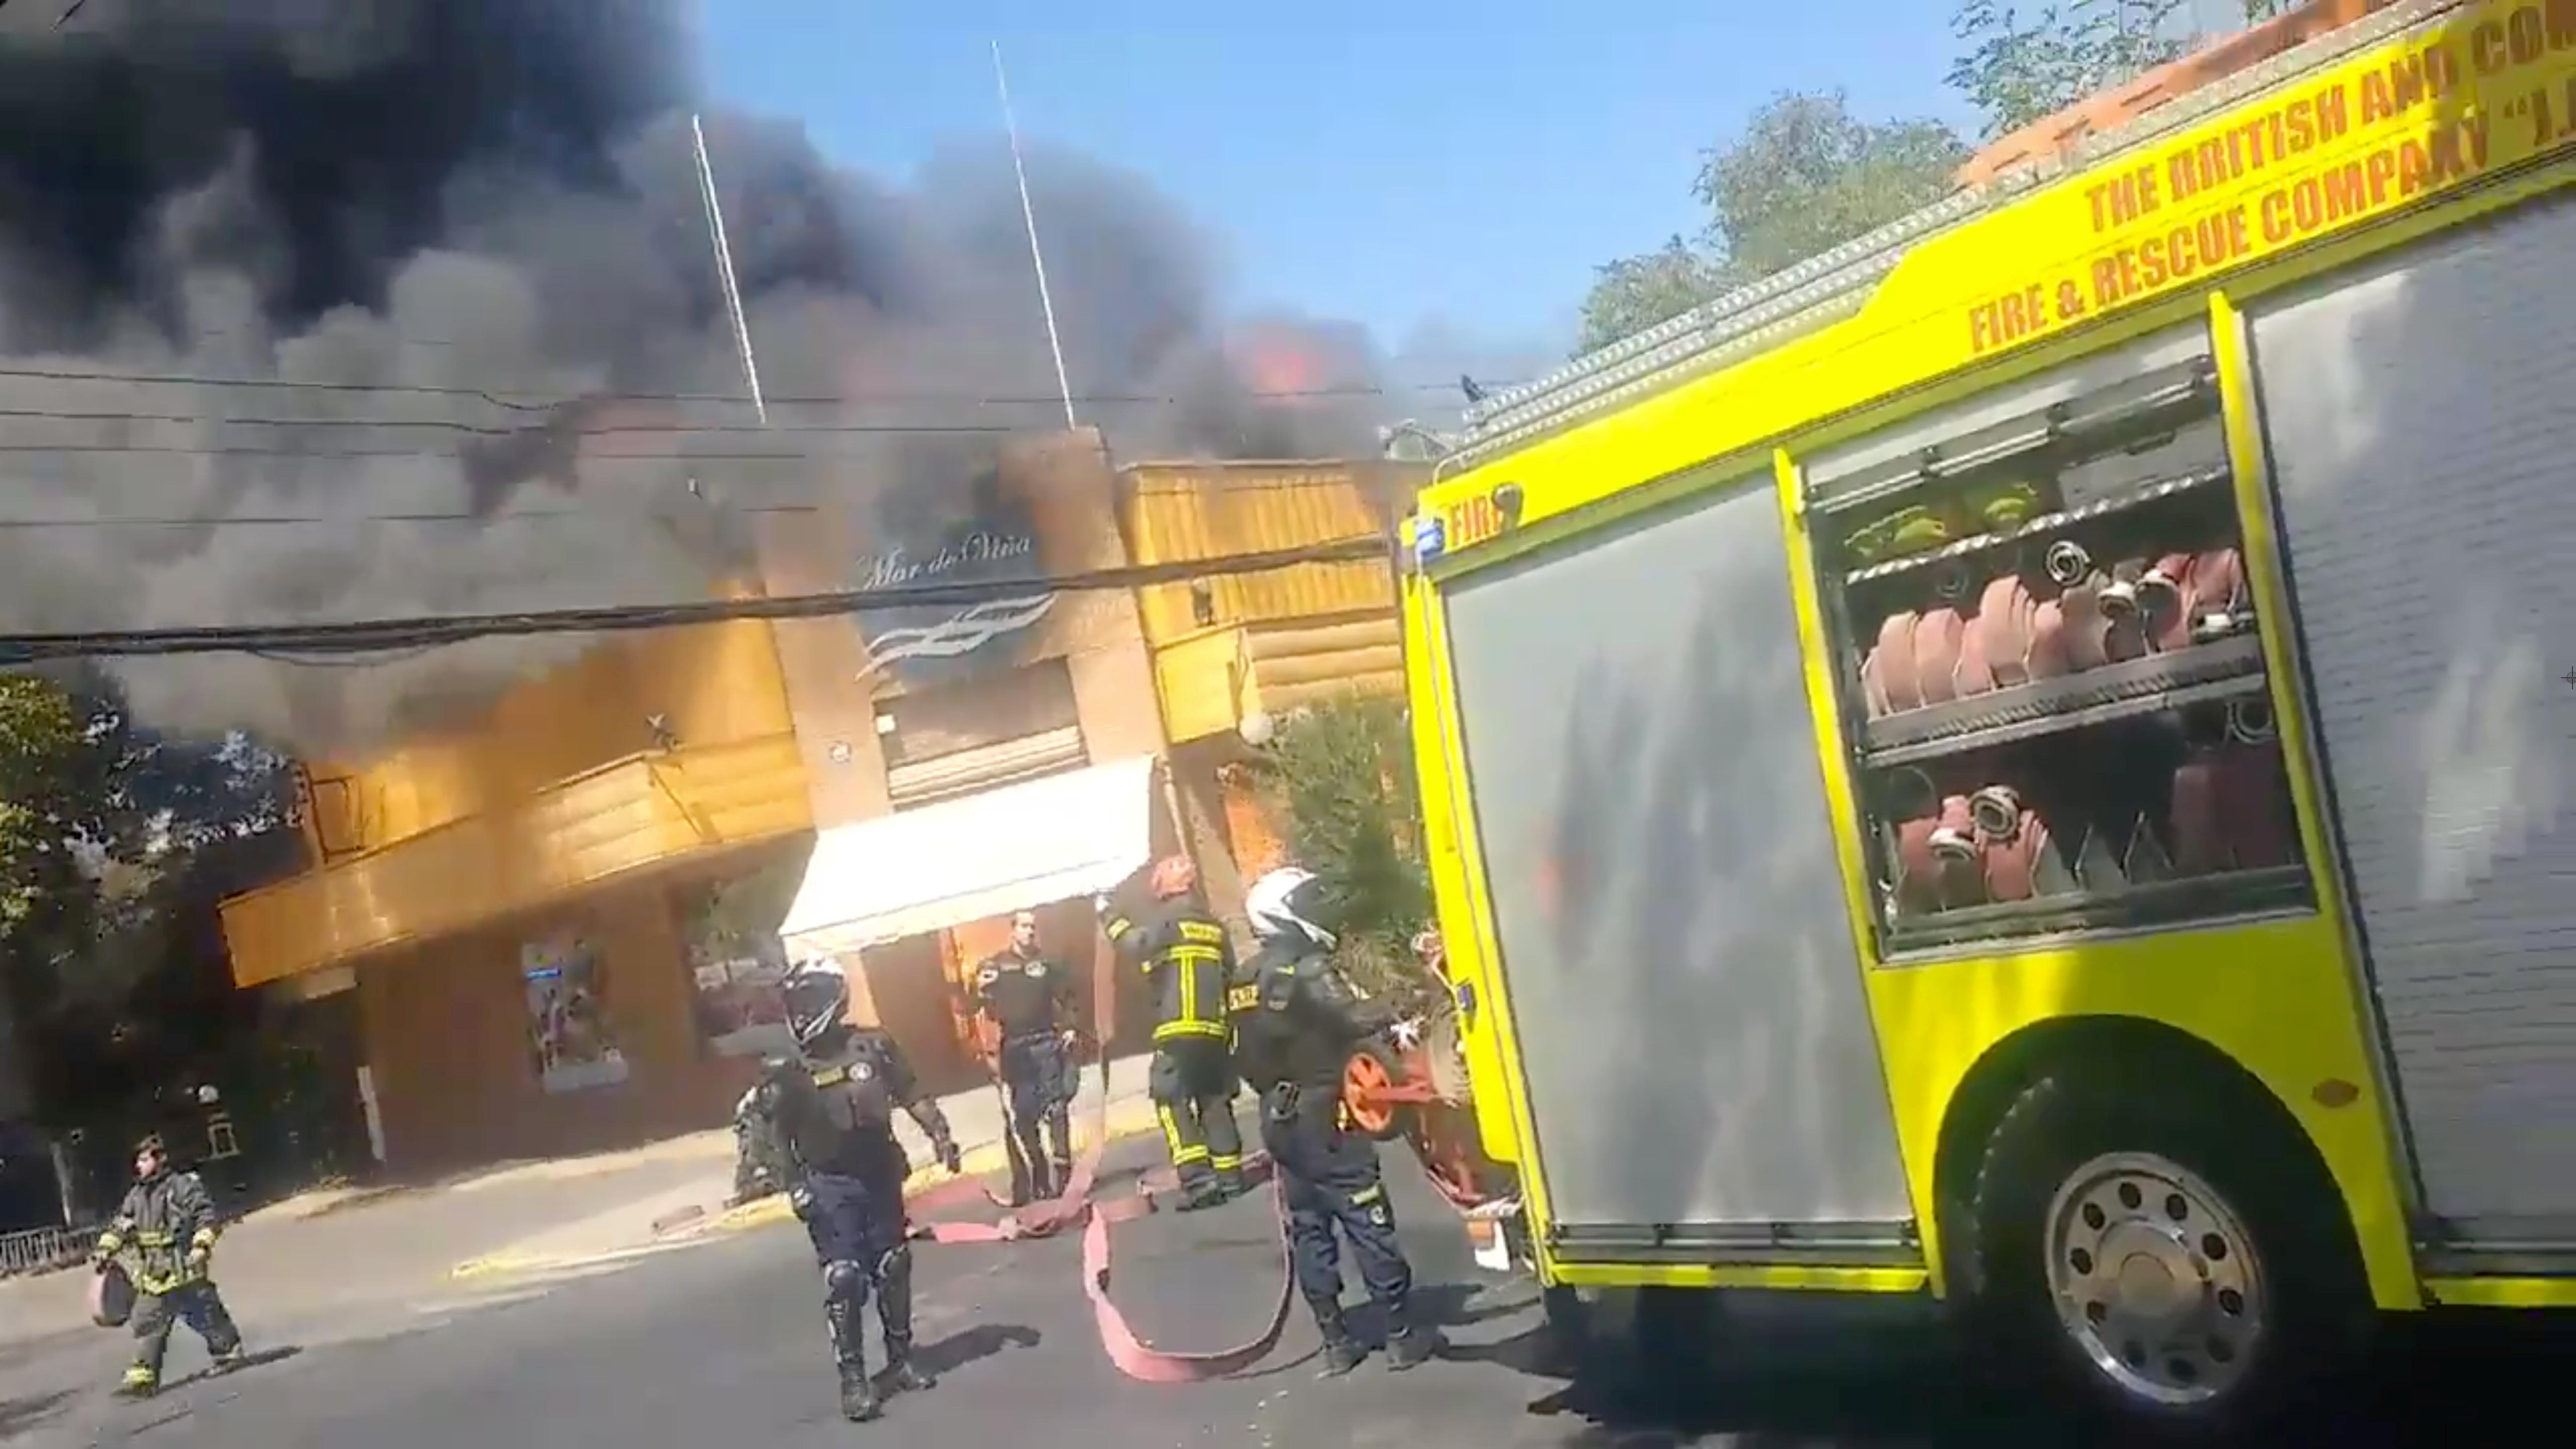 حريق بأحد المطاعم فى تشيلى